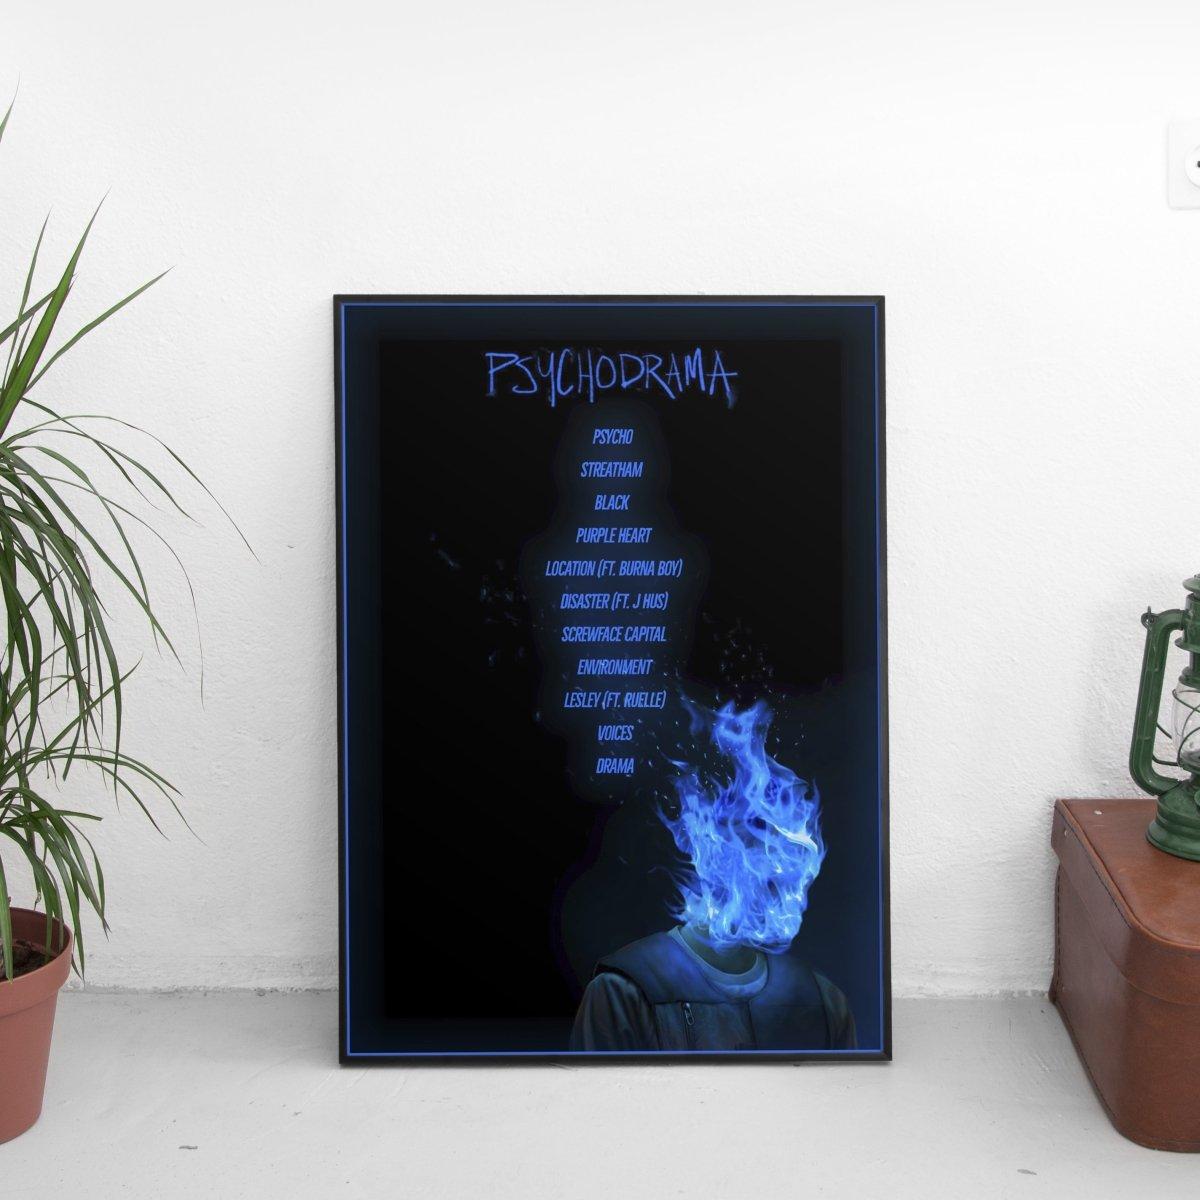 Dave - Psychodrama Tracklist Poster